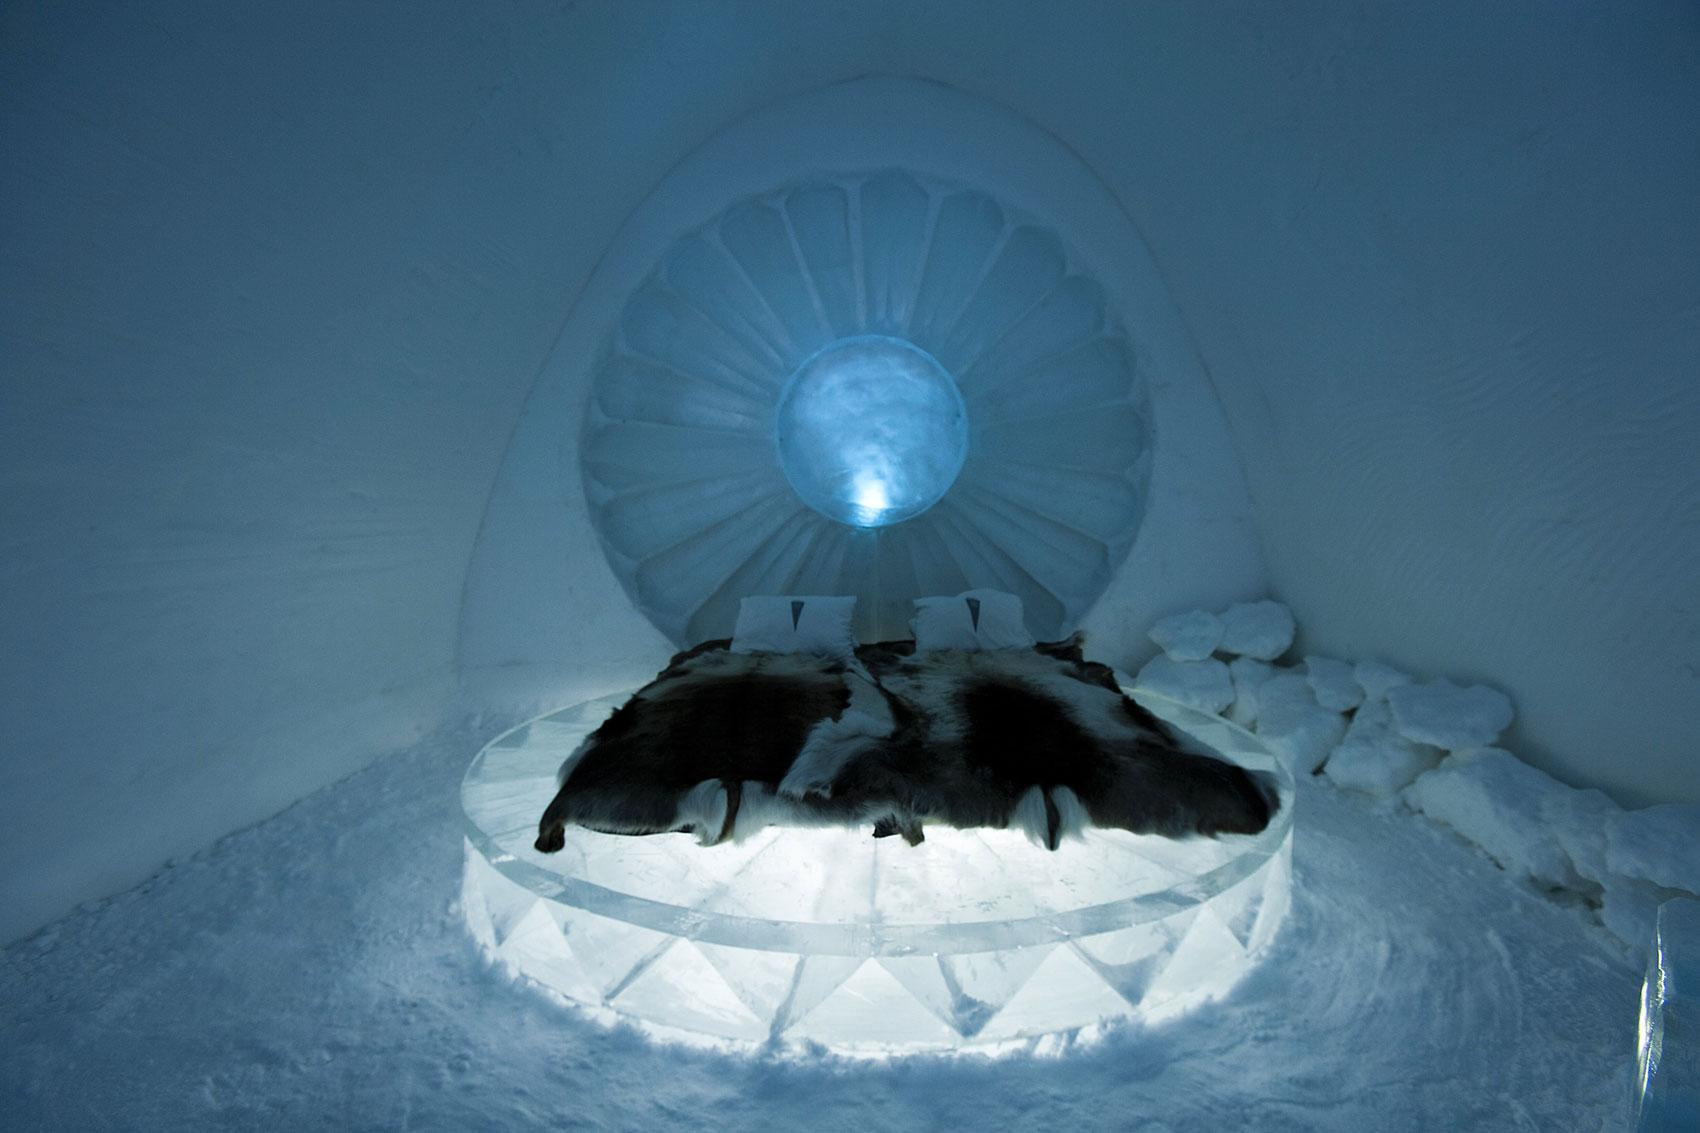 Ice Hotel in Jukkasjarvi, Sweden3